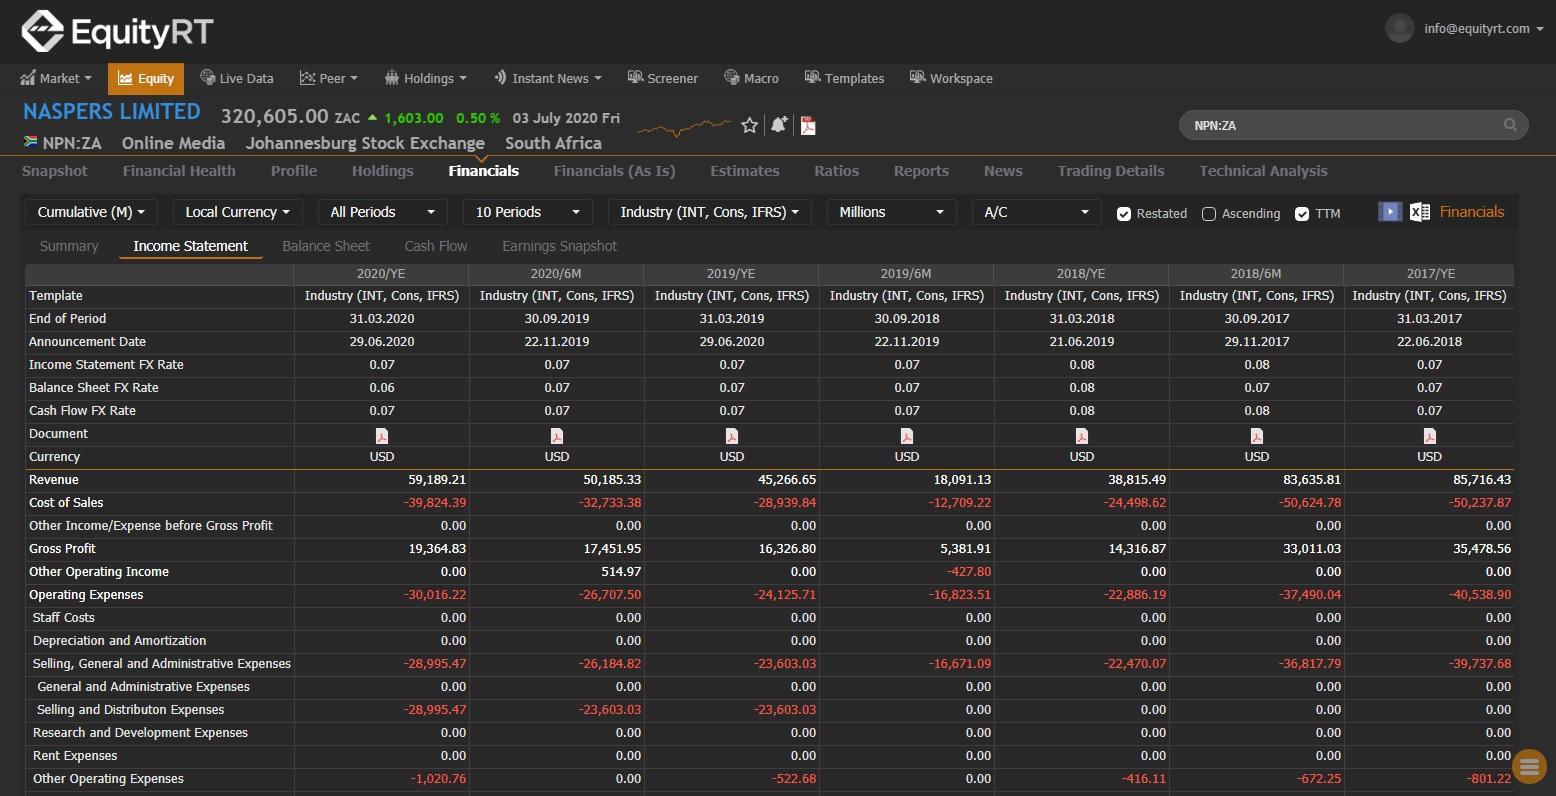 Financials EquityRT